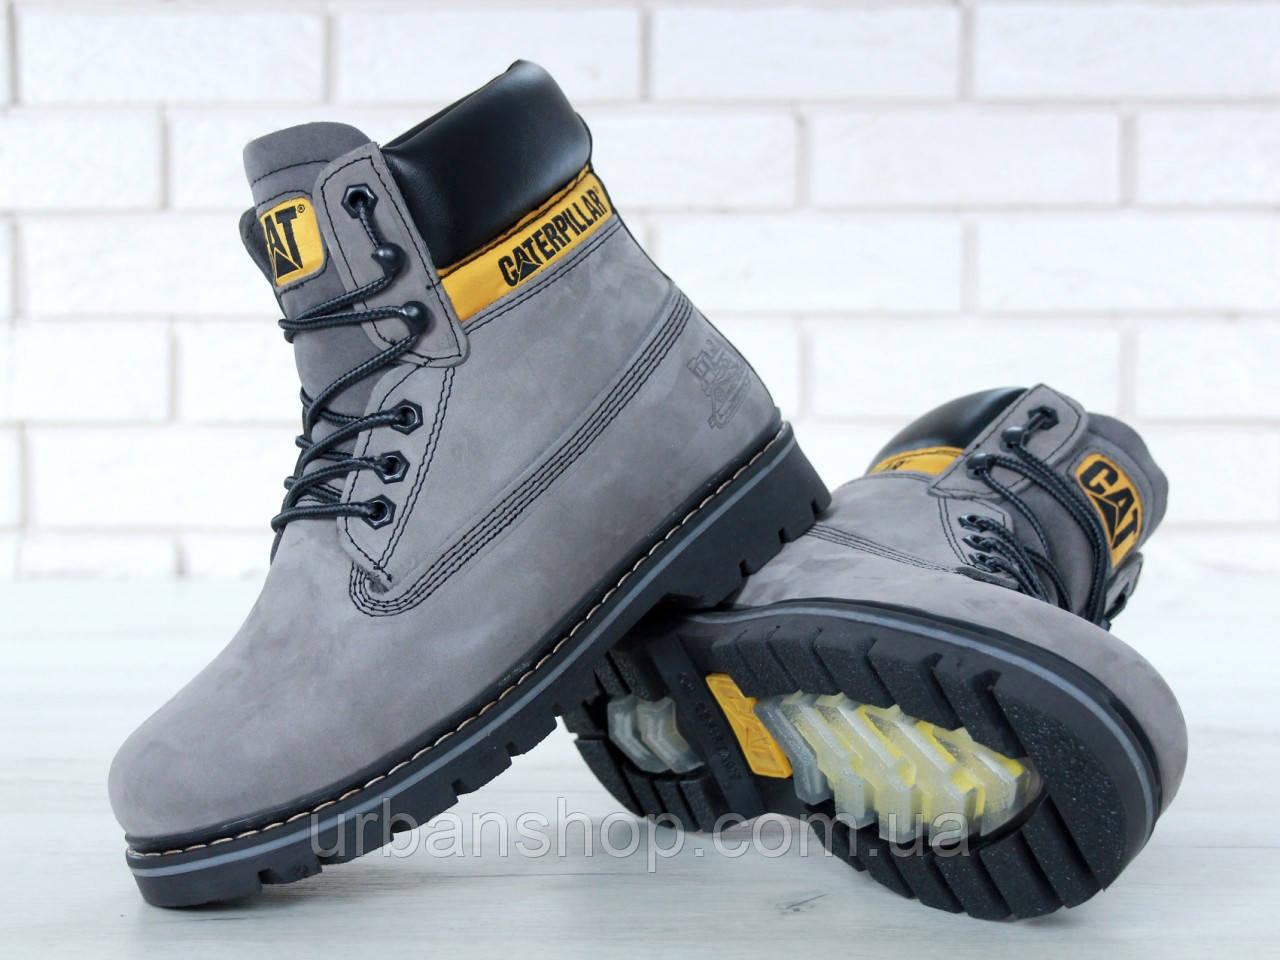 Жіночі Зимові черевики Caterpillar Colorado Grey, жіночі черевики. ТОП Репліка ААА класу.